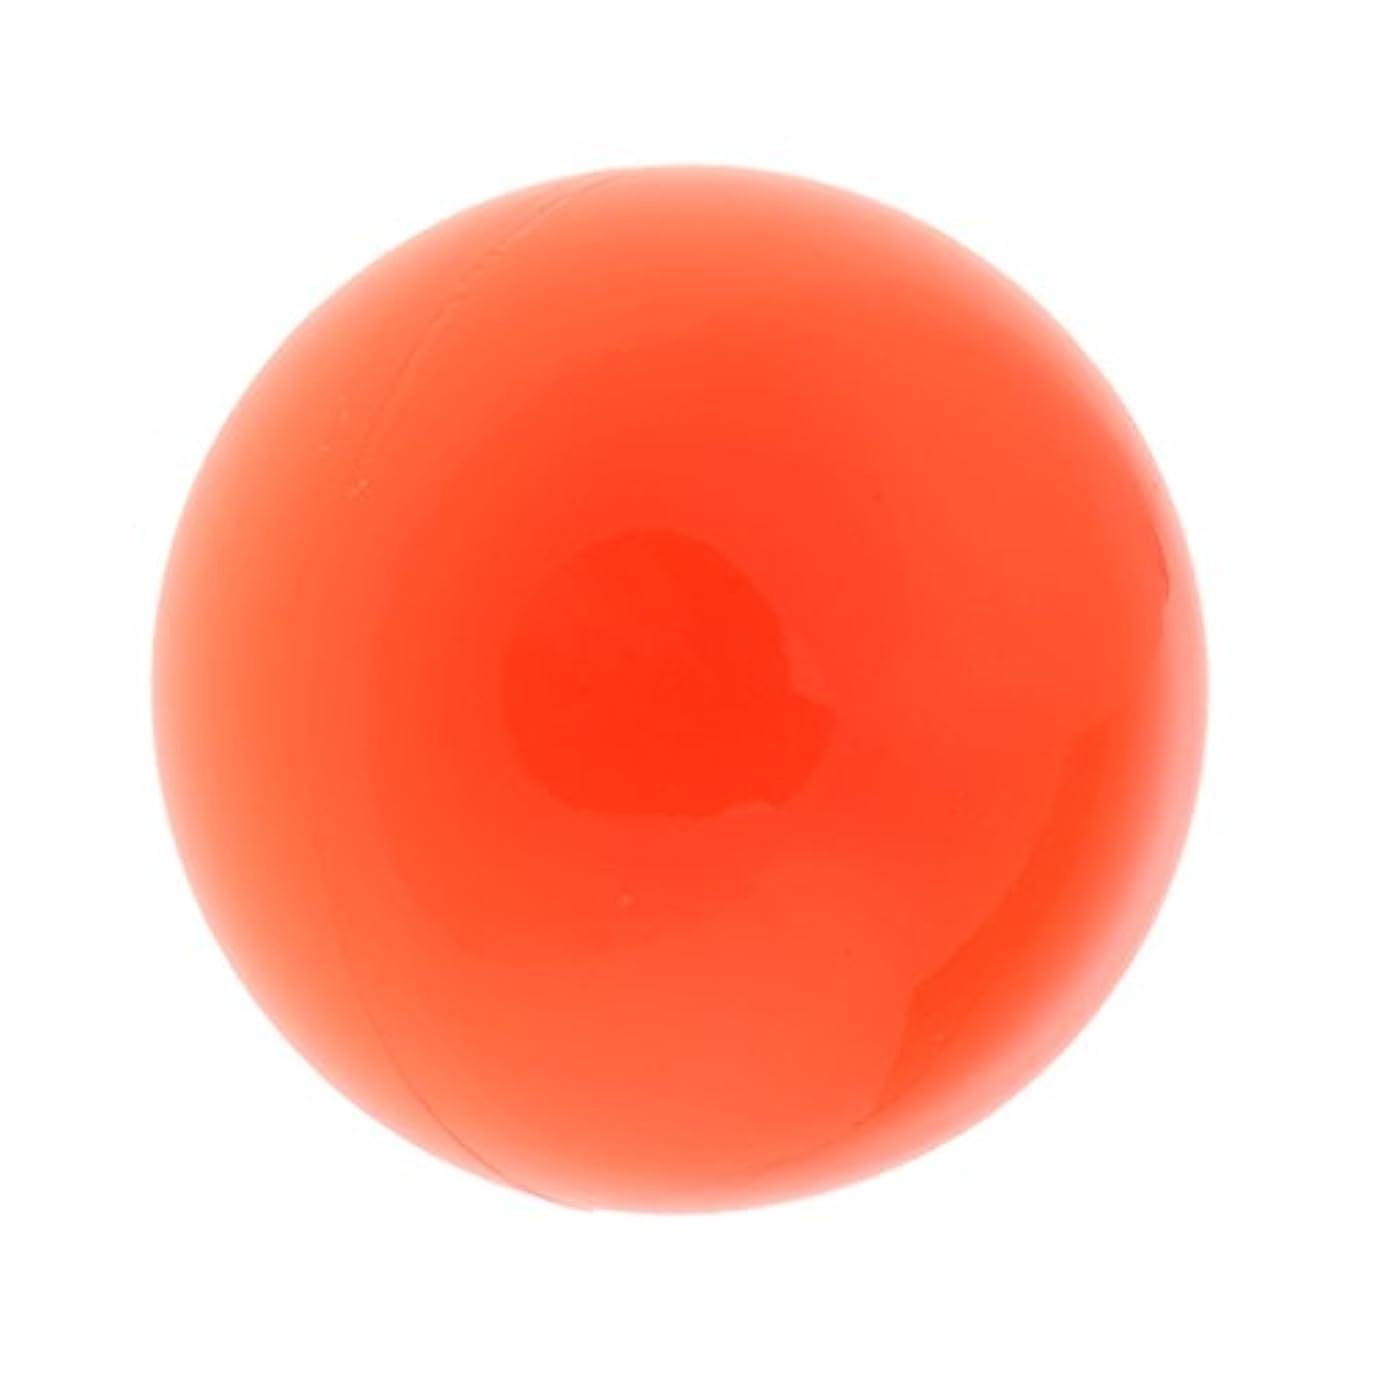 絡まる成功伝導率ジム ホーム 運動 ソフトマッサージボール エクササイズ トレーニング リハビリ運動 旅行 自宅